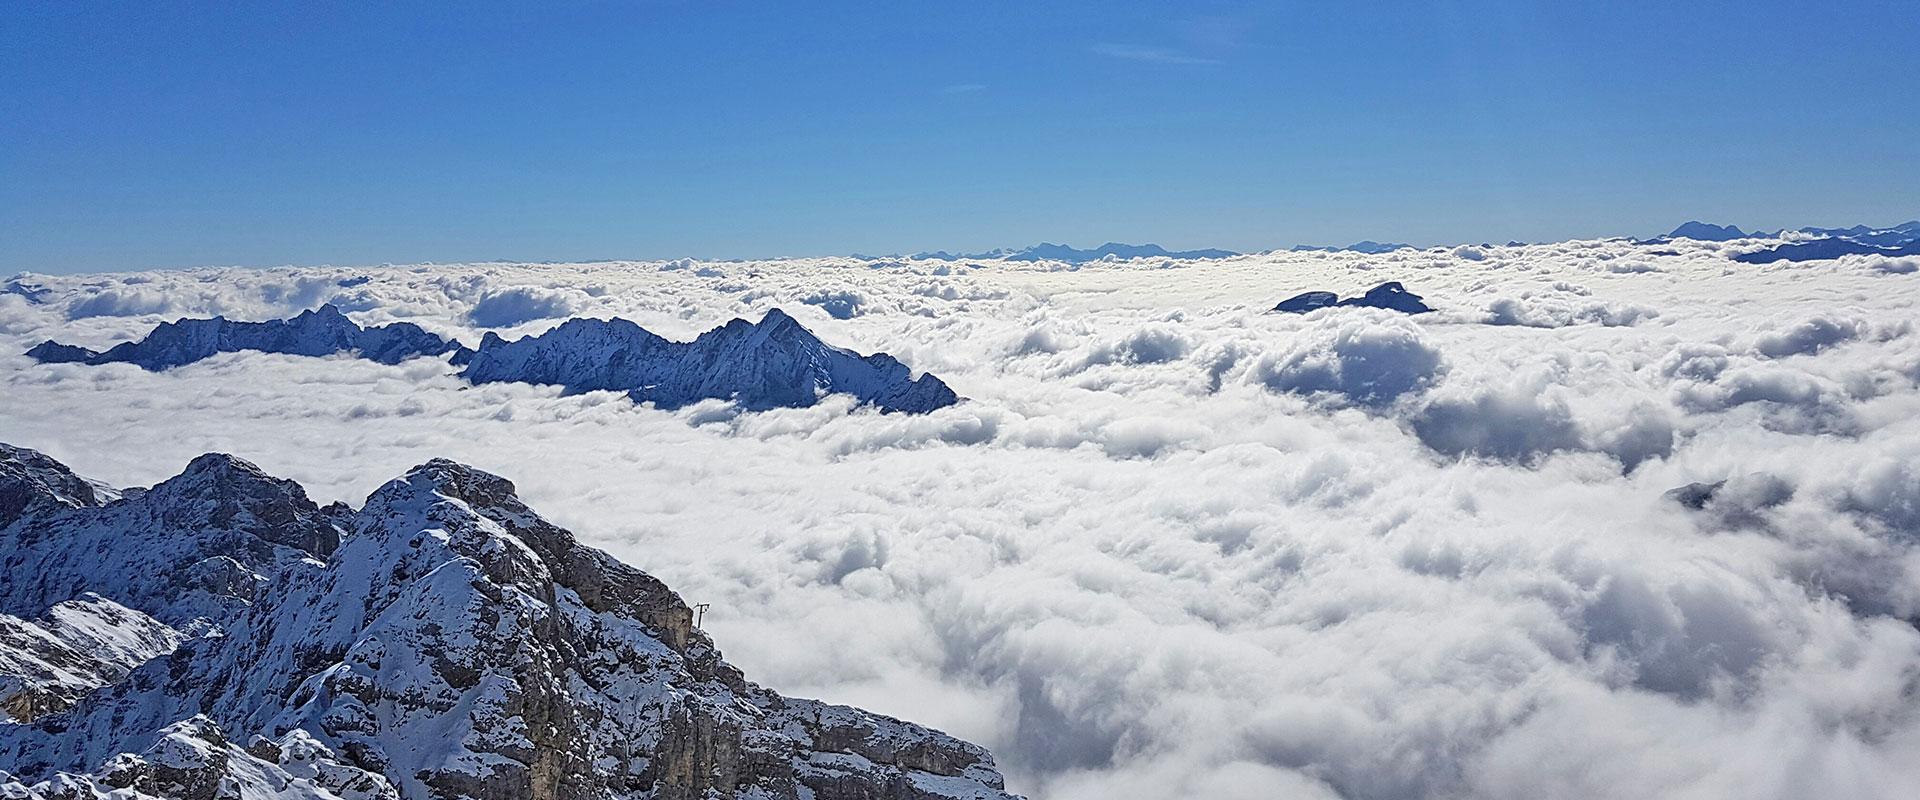 Private Tour to Zugspitze and Garmisch-Partenkirchen